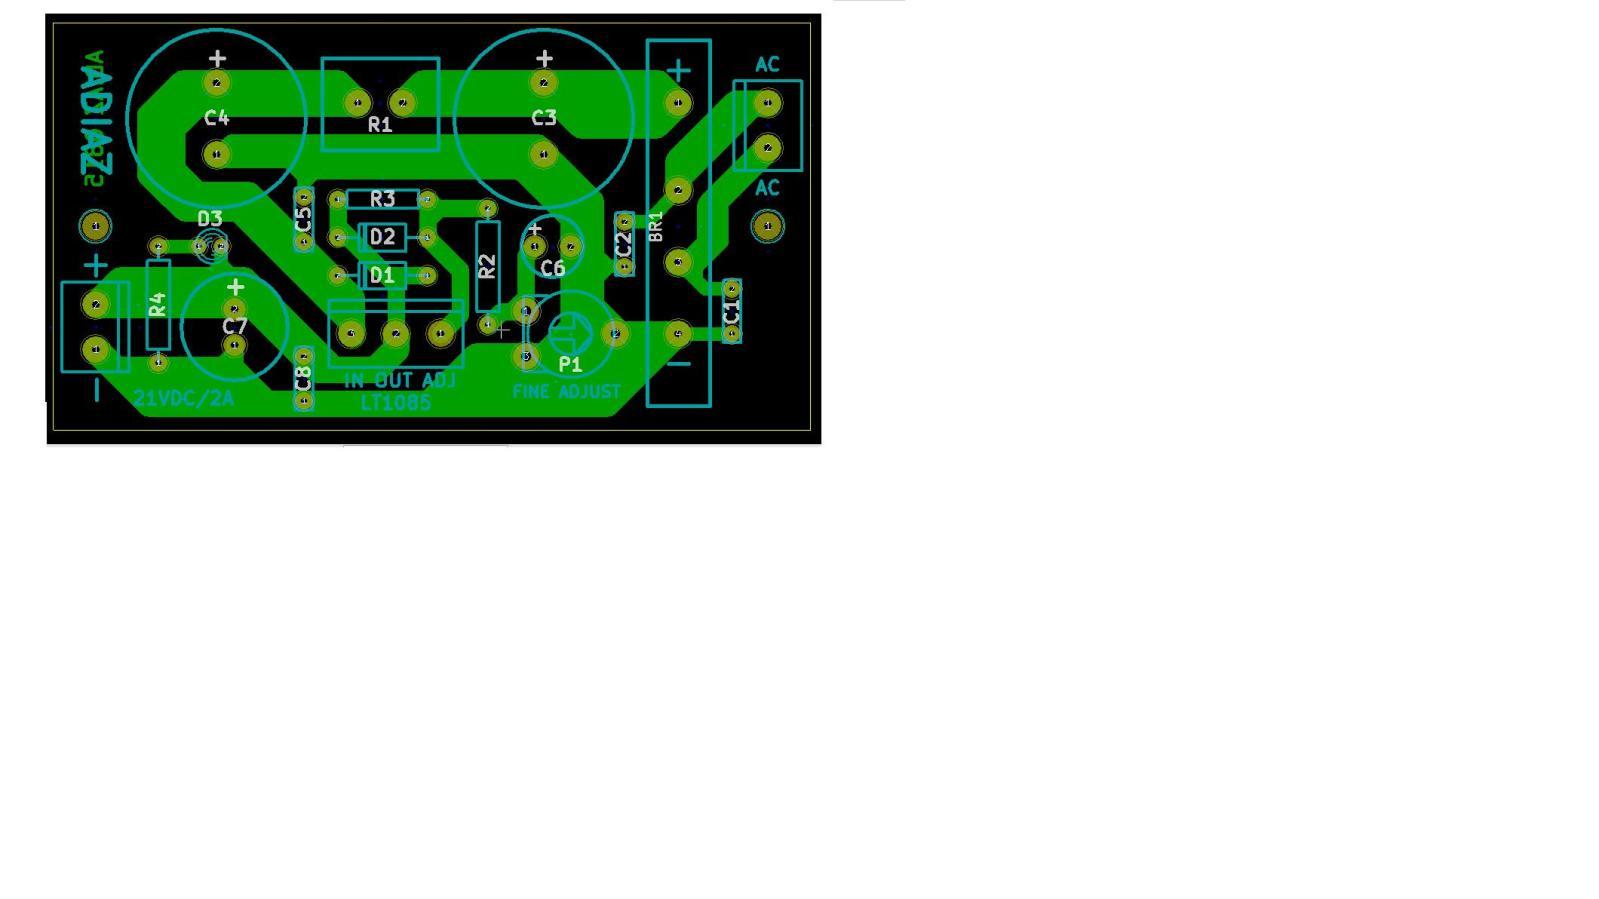 Restauración y mejora de un Technics SL1200 - Página 2 16c3vj4